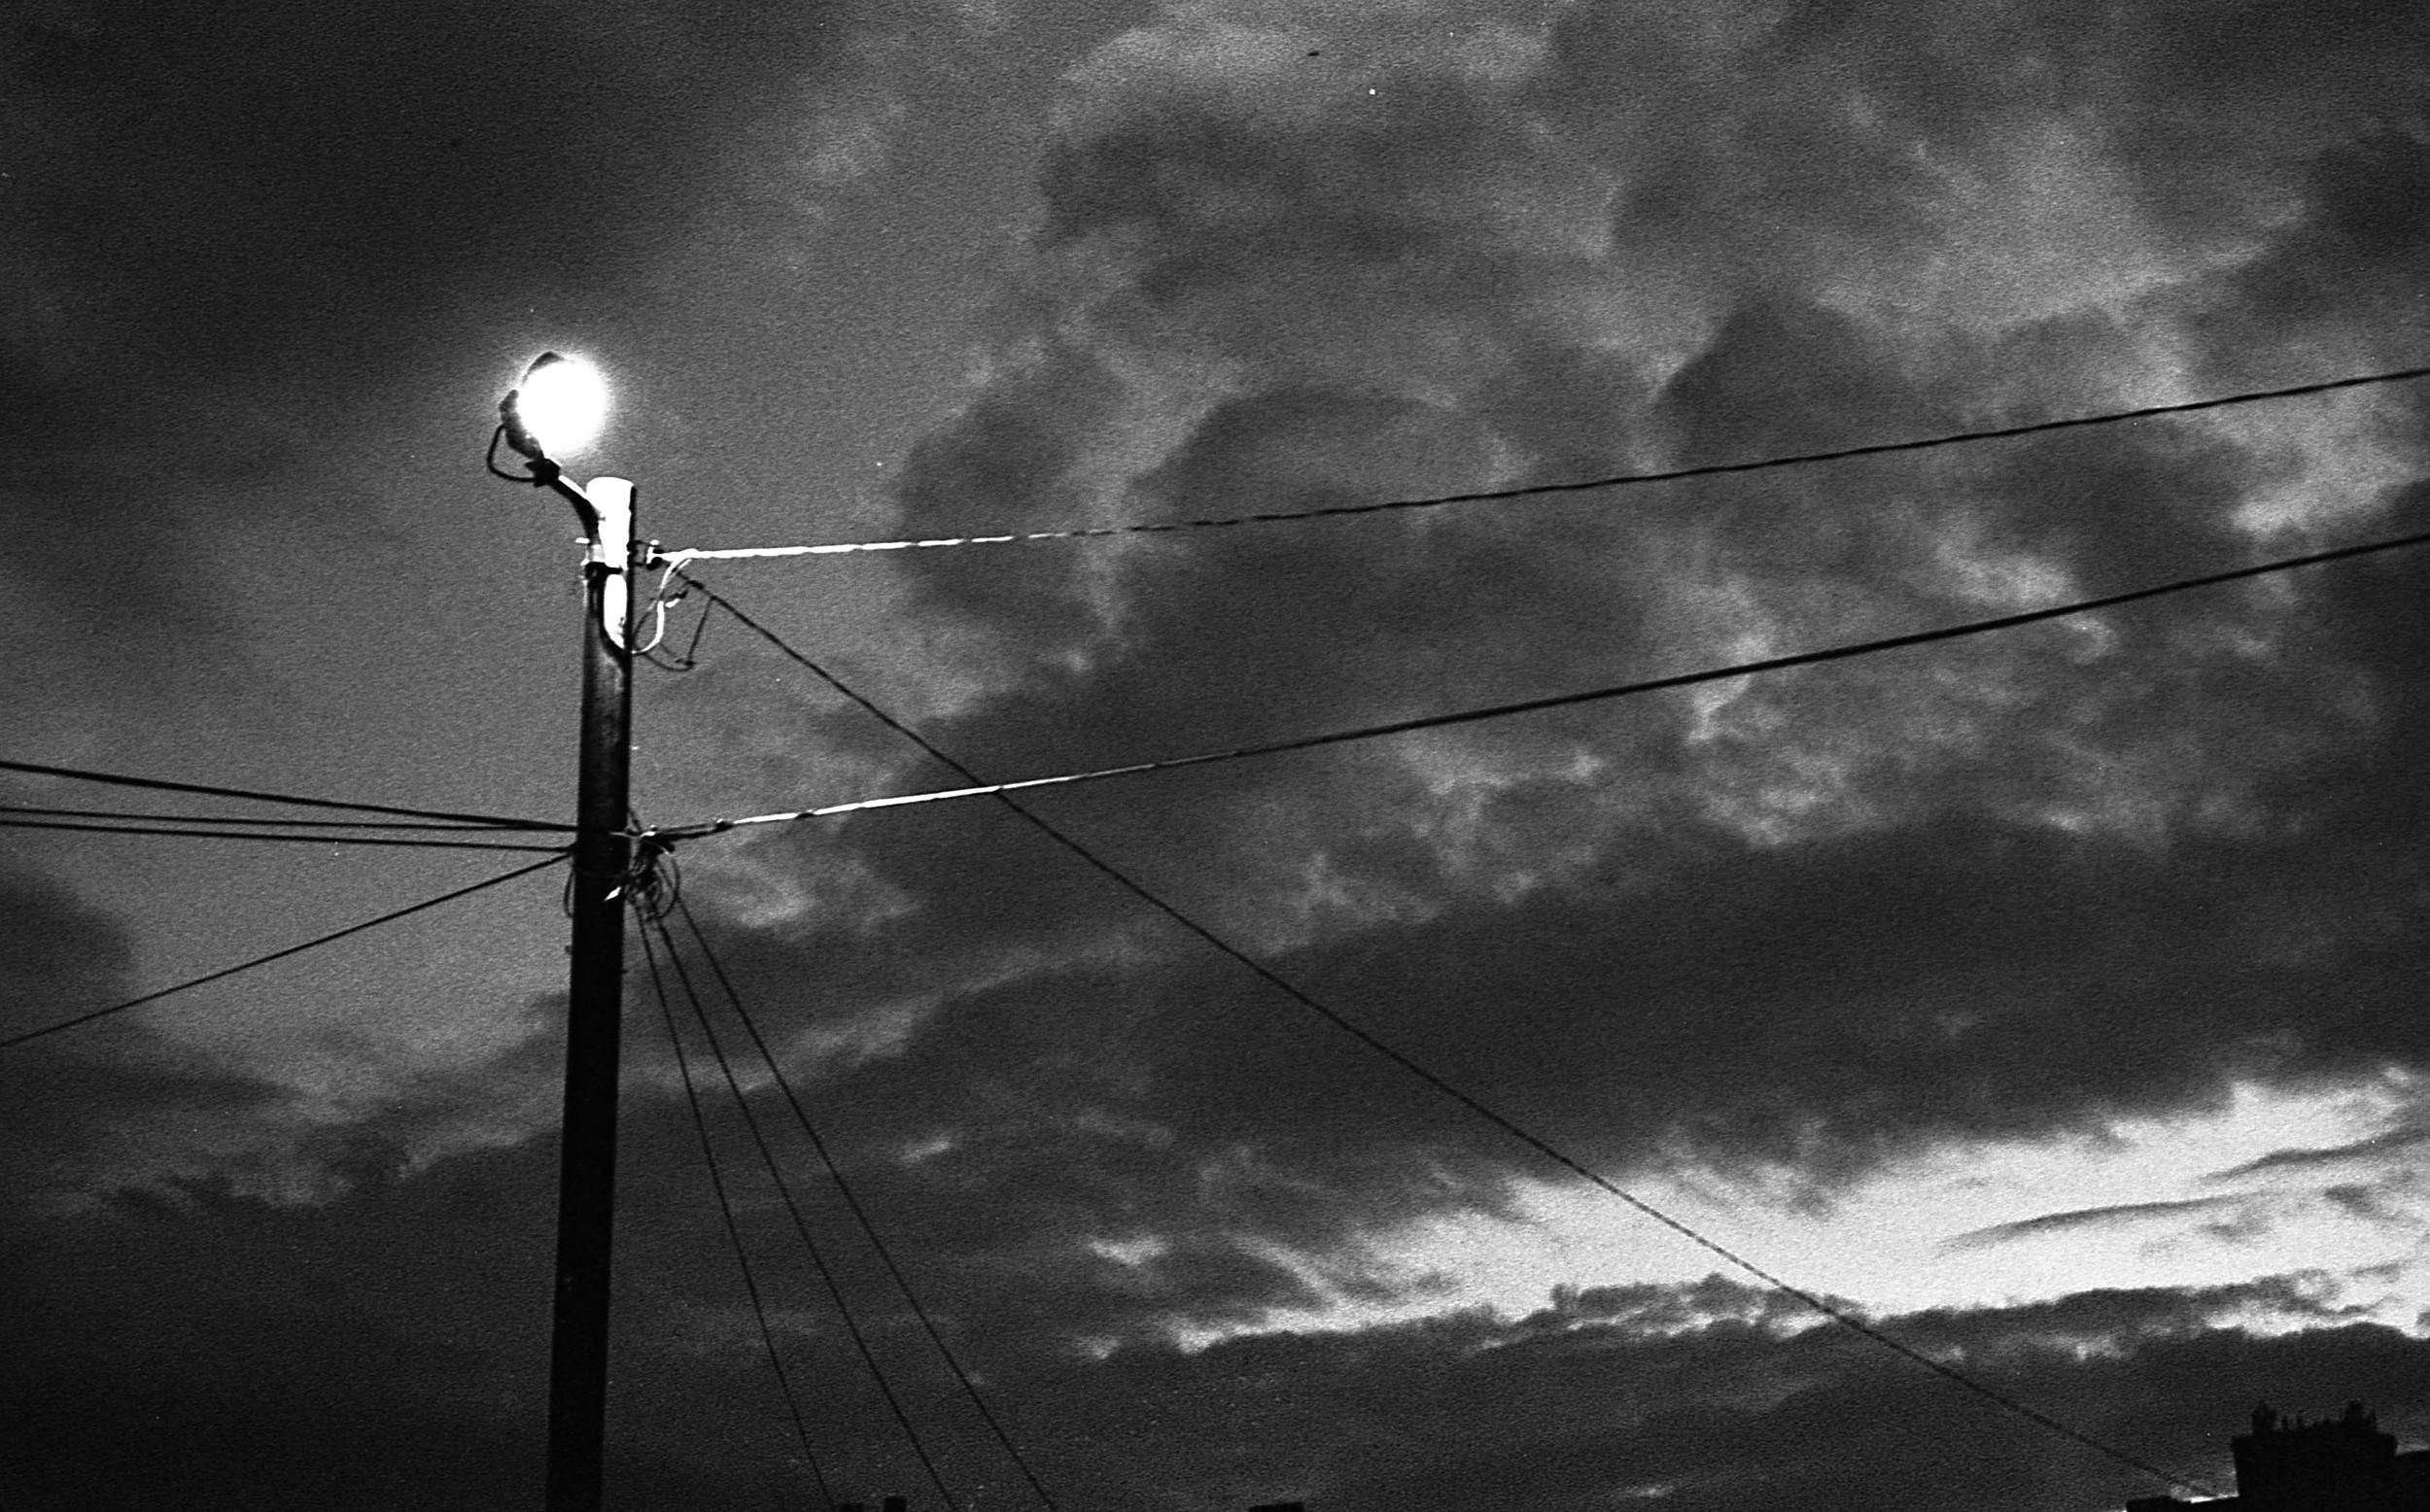 Tri-x_#6_09-27-15-5.jpg